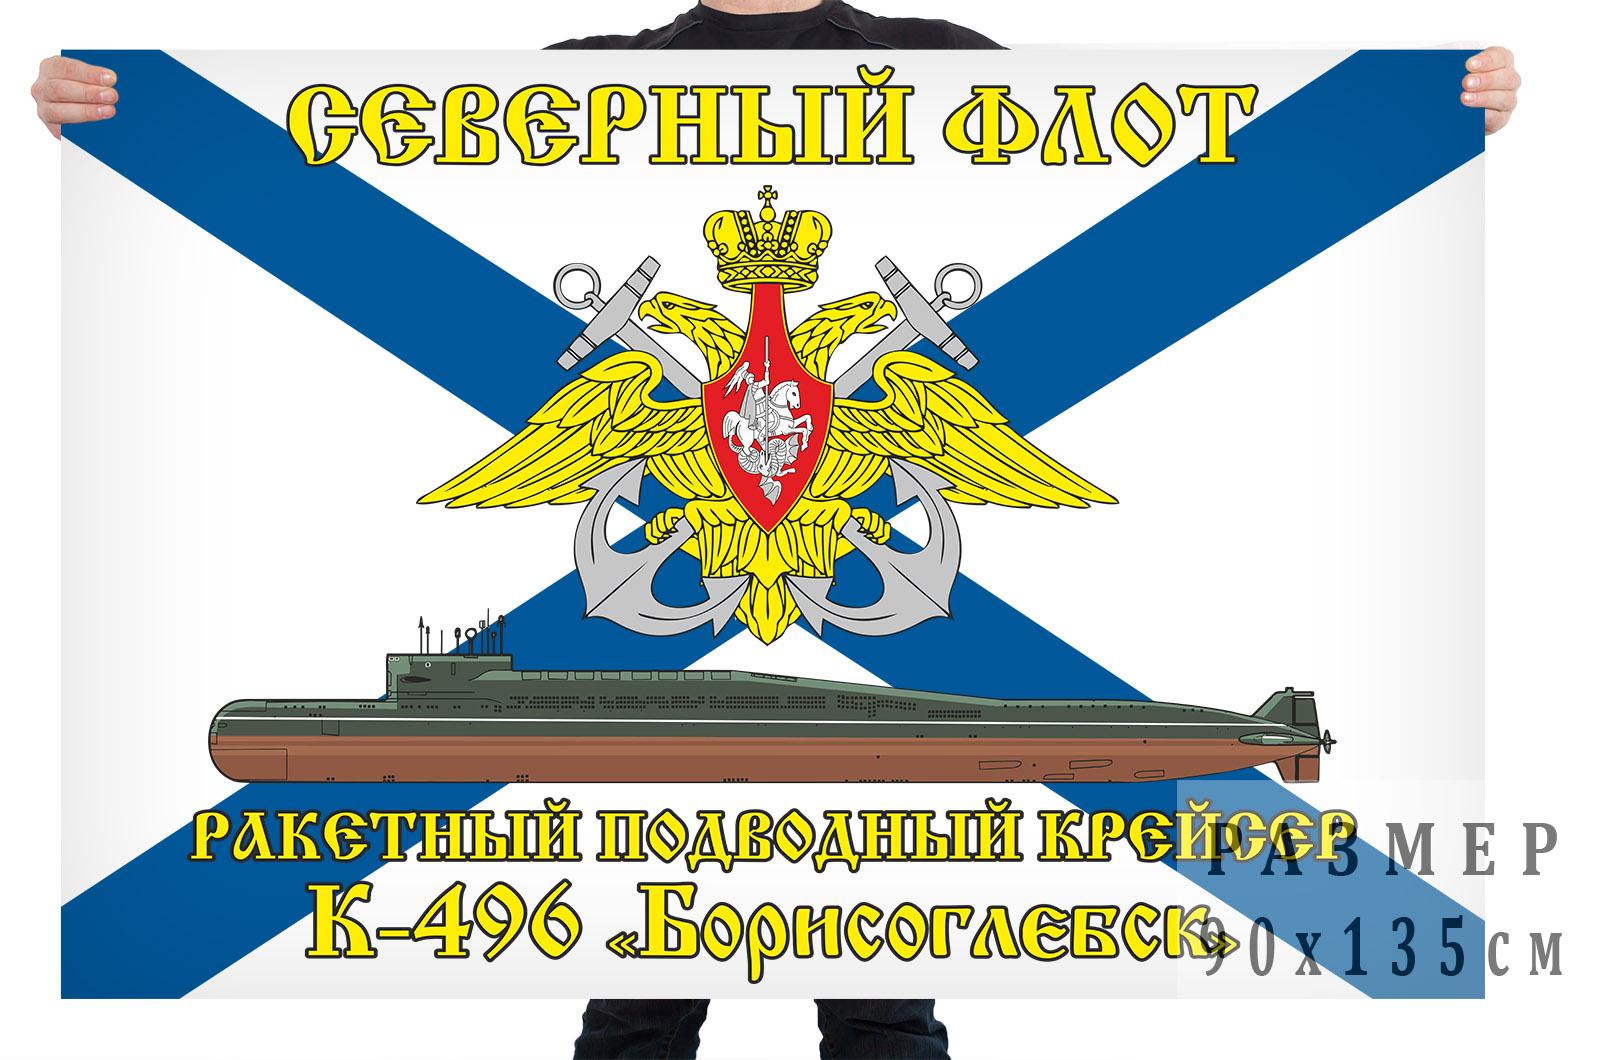 """Флаг ракетного подводного крейсера К-496 """"Борисоглебск"""""""